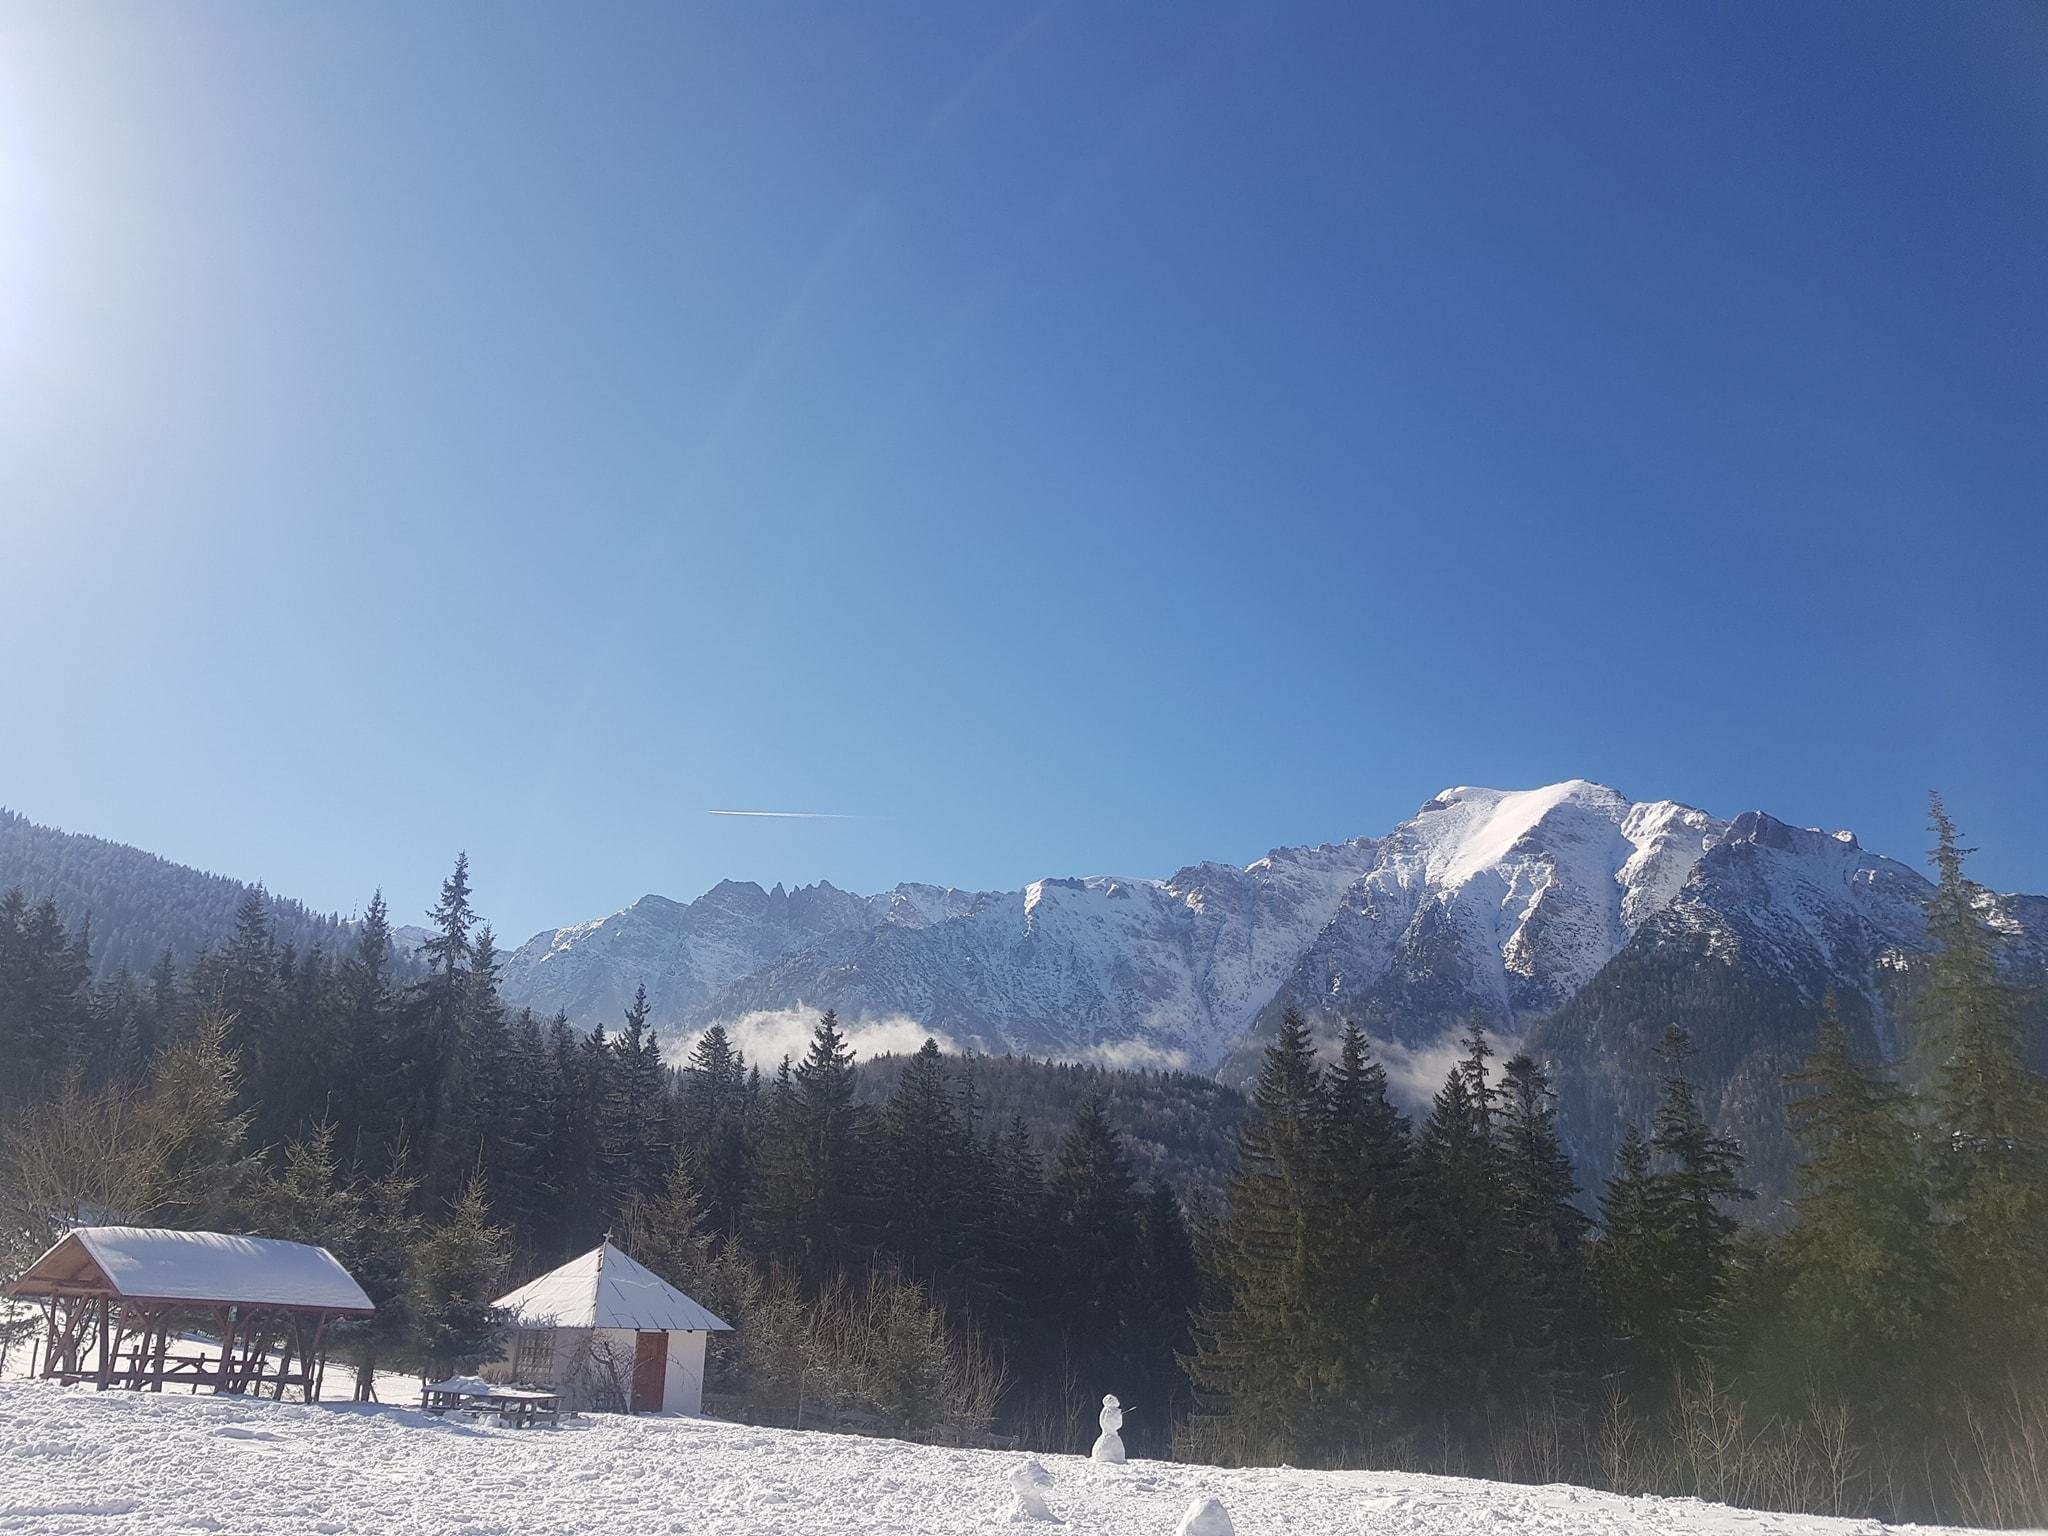 Vacanta la munte in Romania pentru orice montaniard